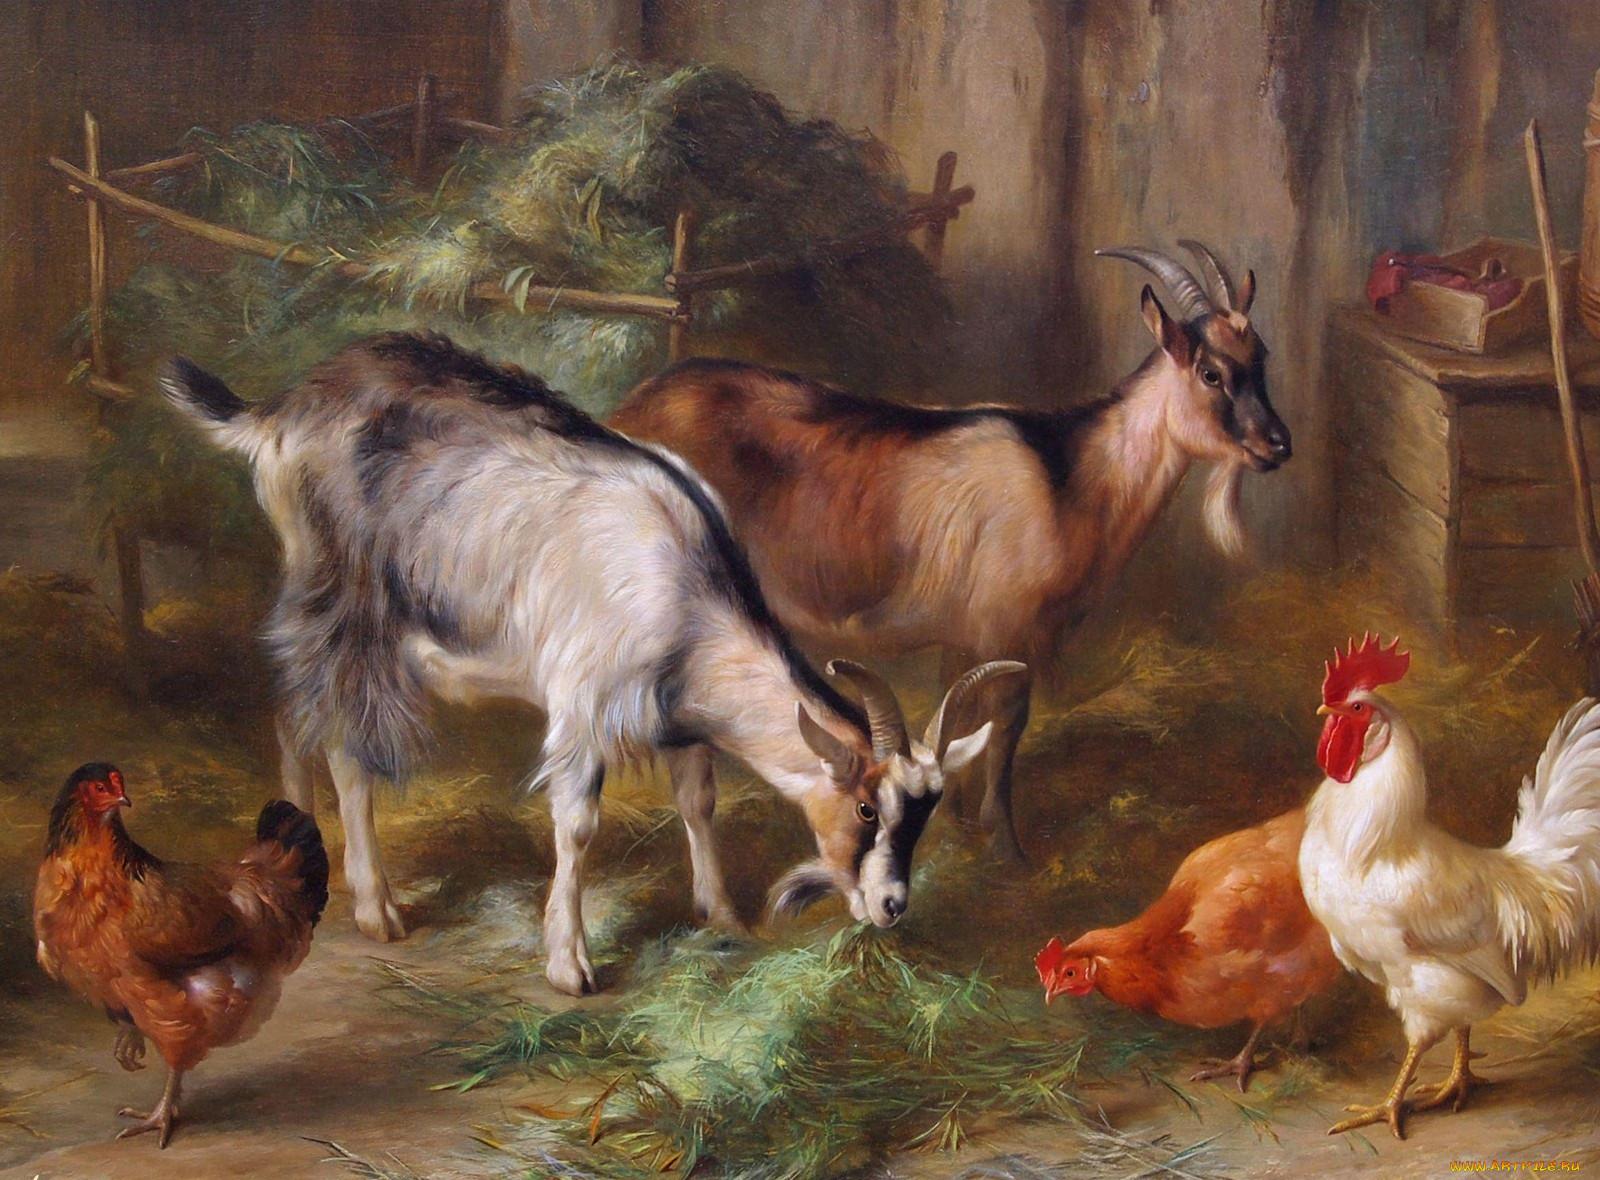 картинка скотный двор домашние животные транспортировке организации похорон